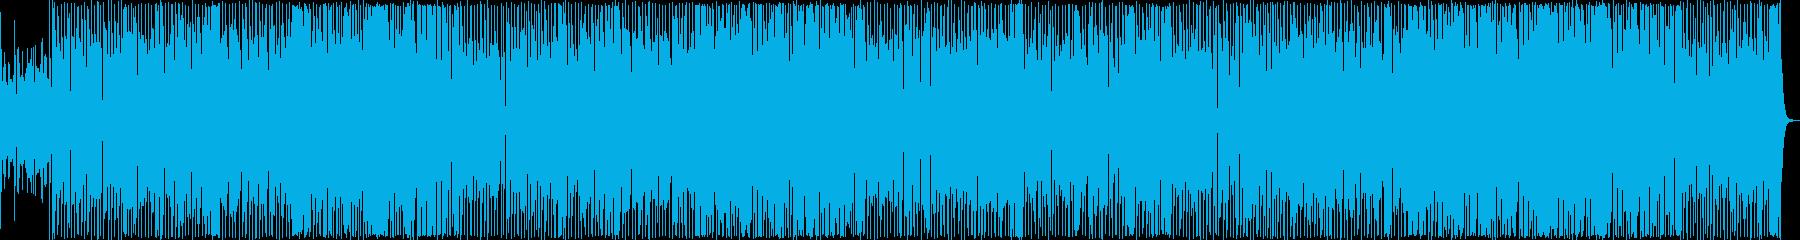 エレピの音色が印象的なブルースロックの再生済みの波形